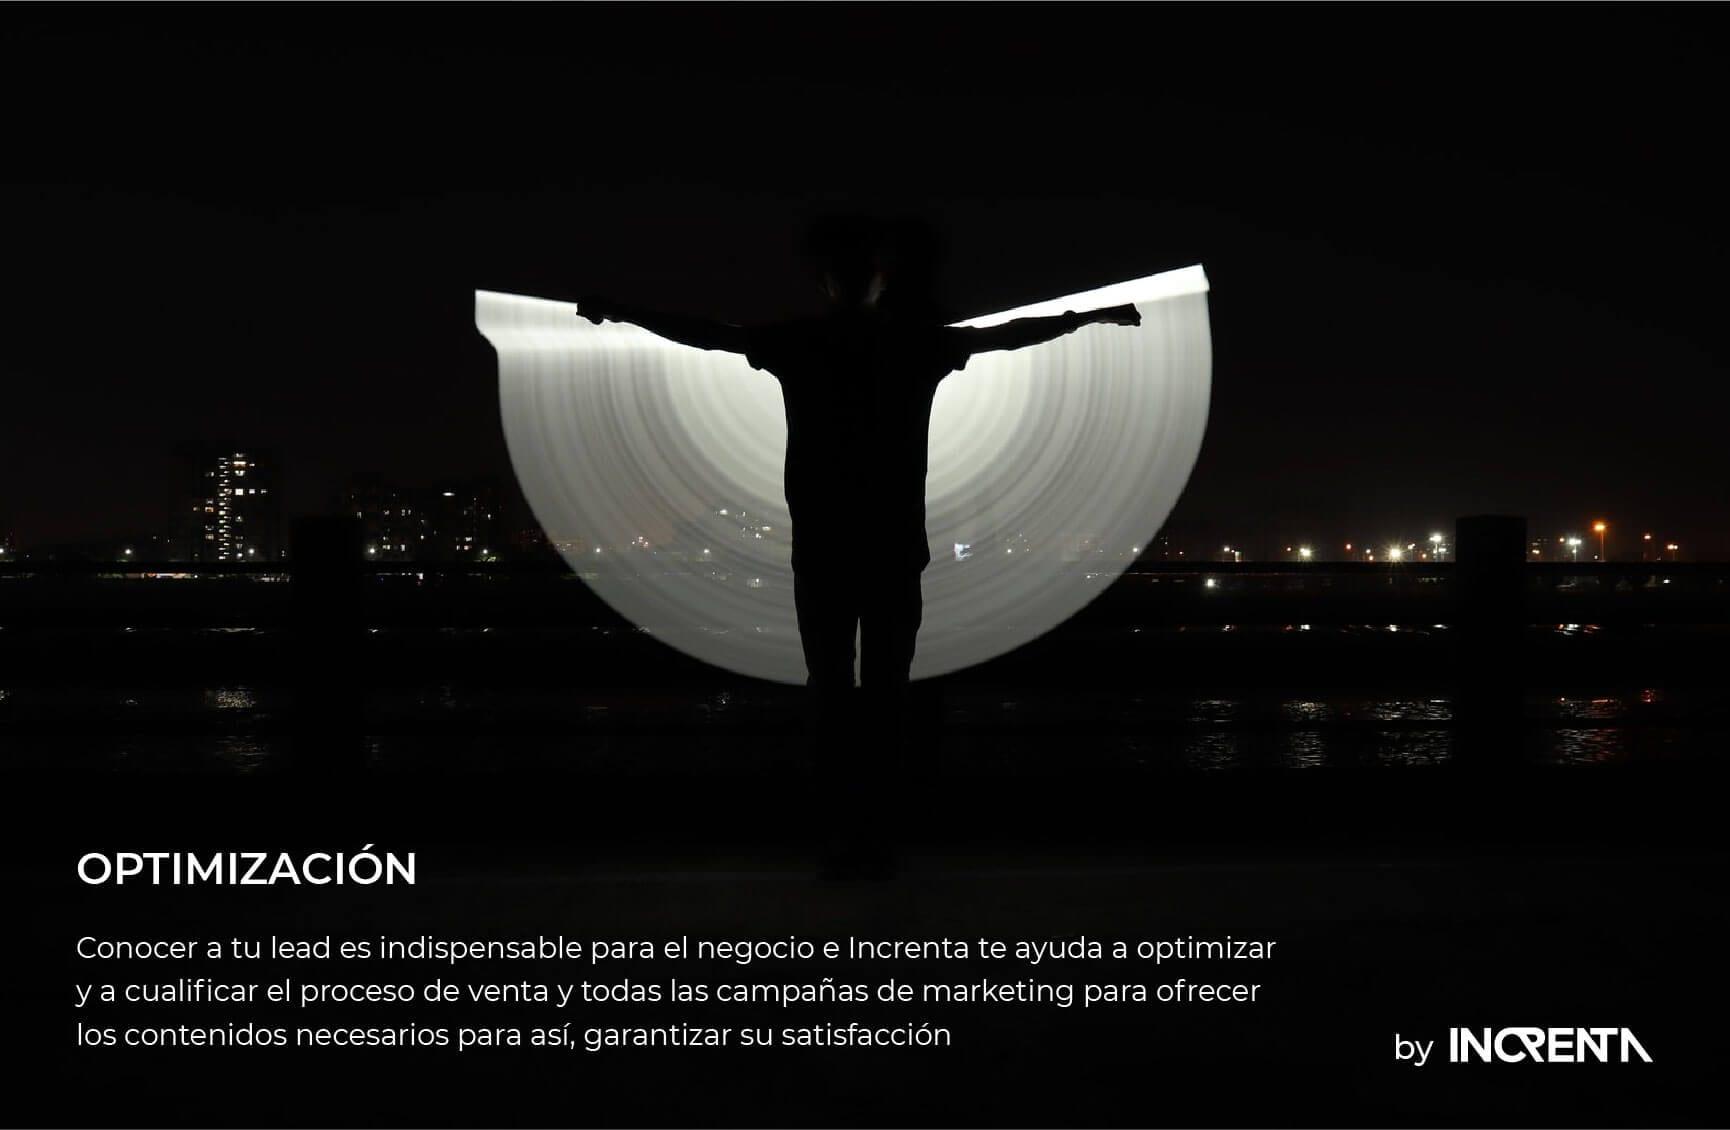 Increnta_soluciones_CONTACT CENTER 2